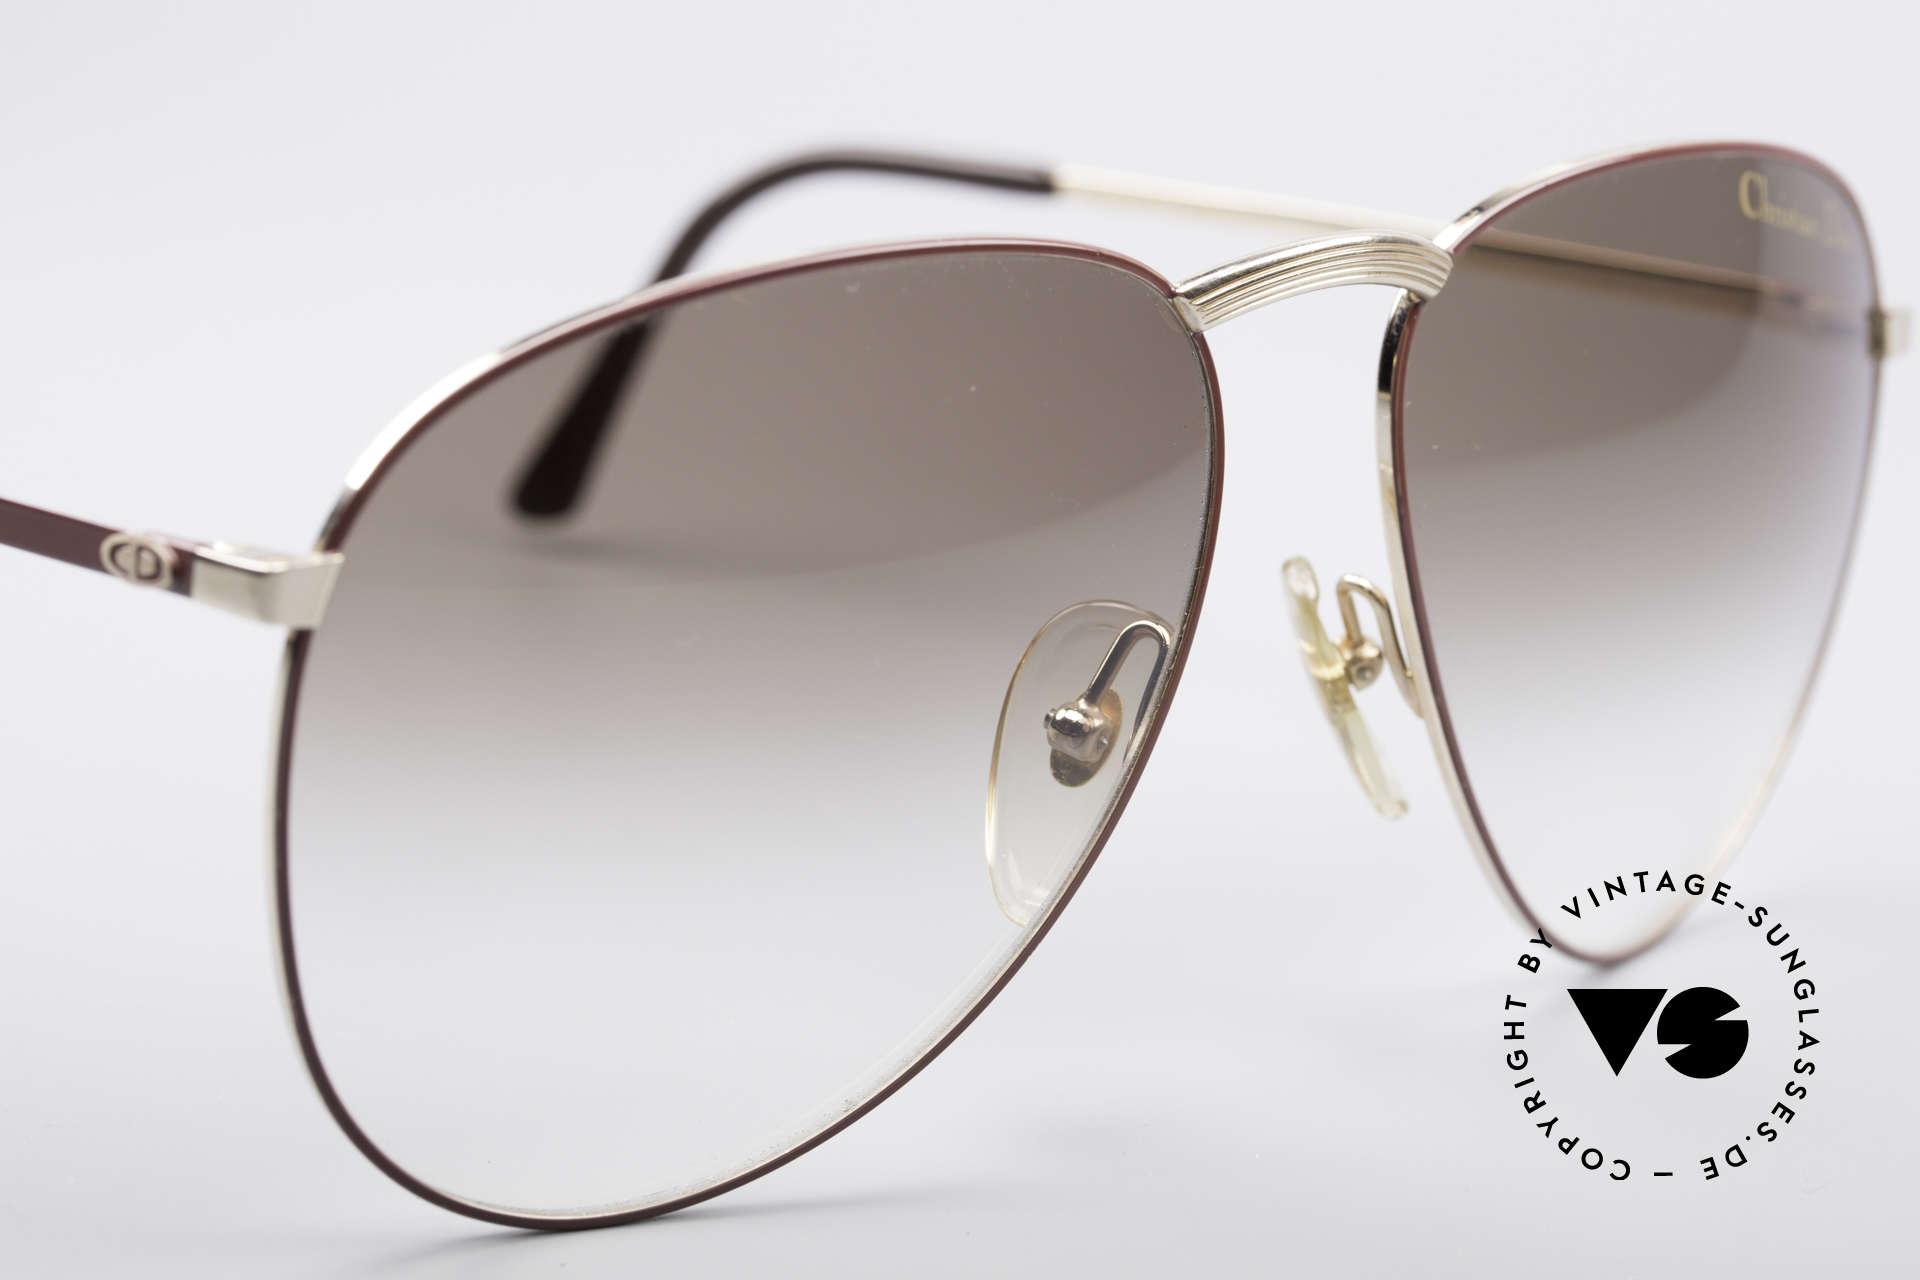 Christian Dior 2252 Seltene 80er Brille, KEINE retro Sonnenbrille, 100% vintage Original, Passend für Herren